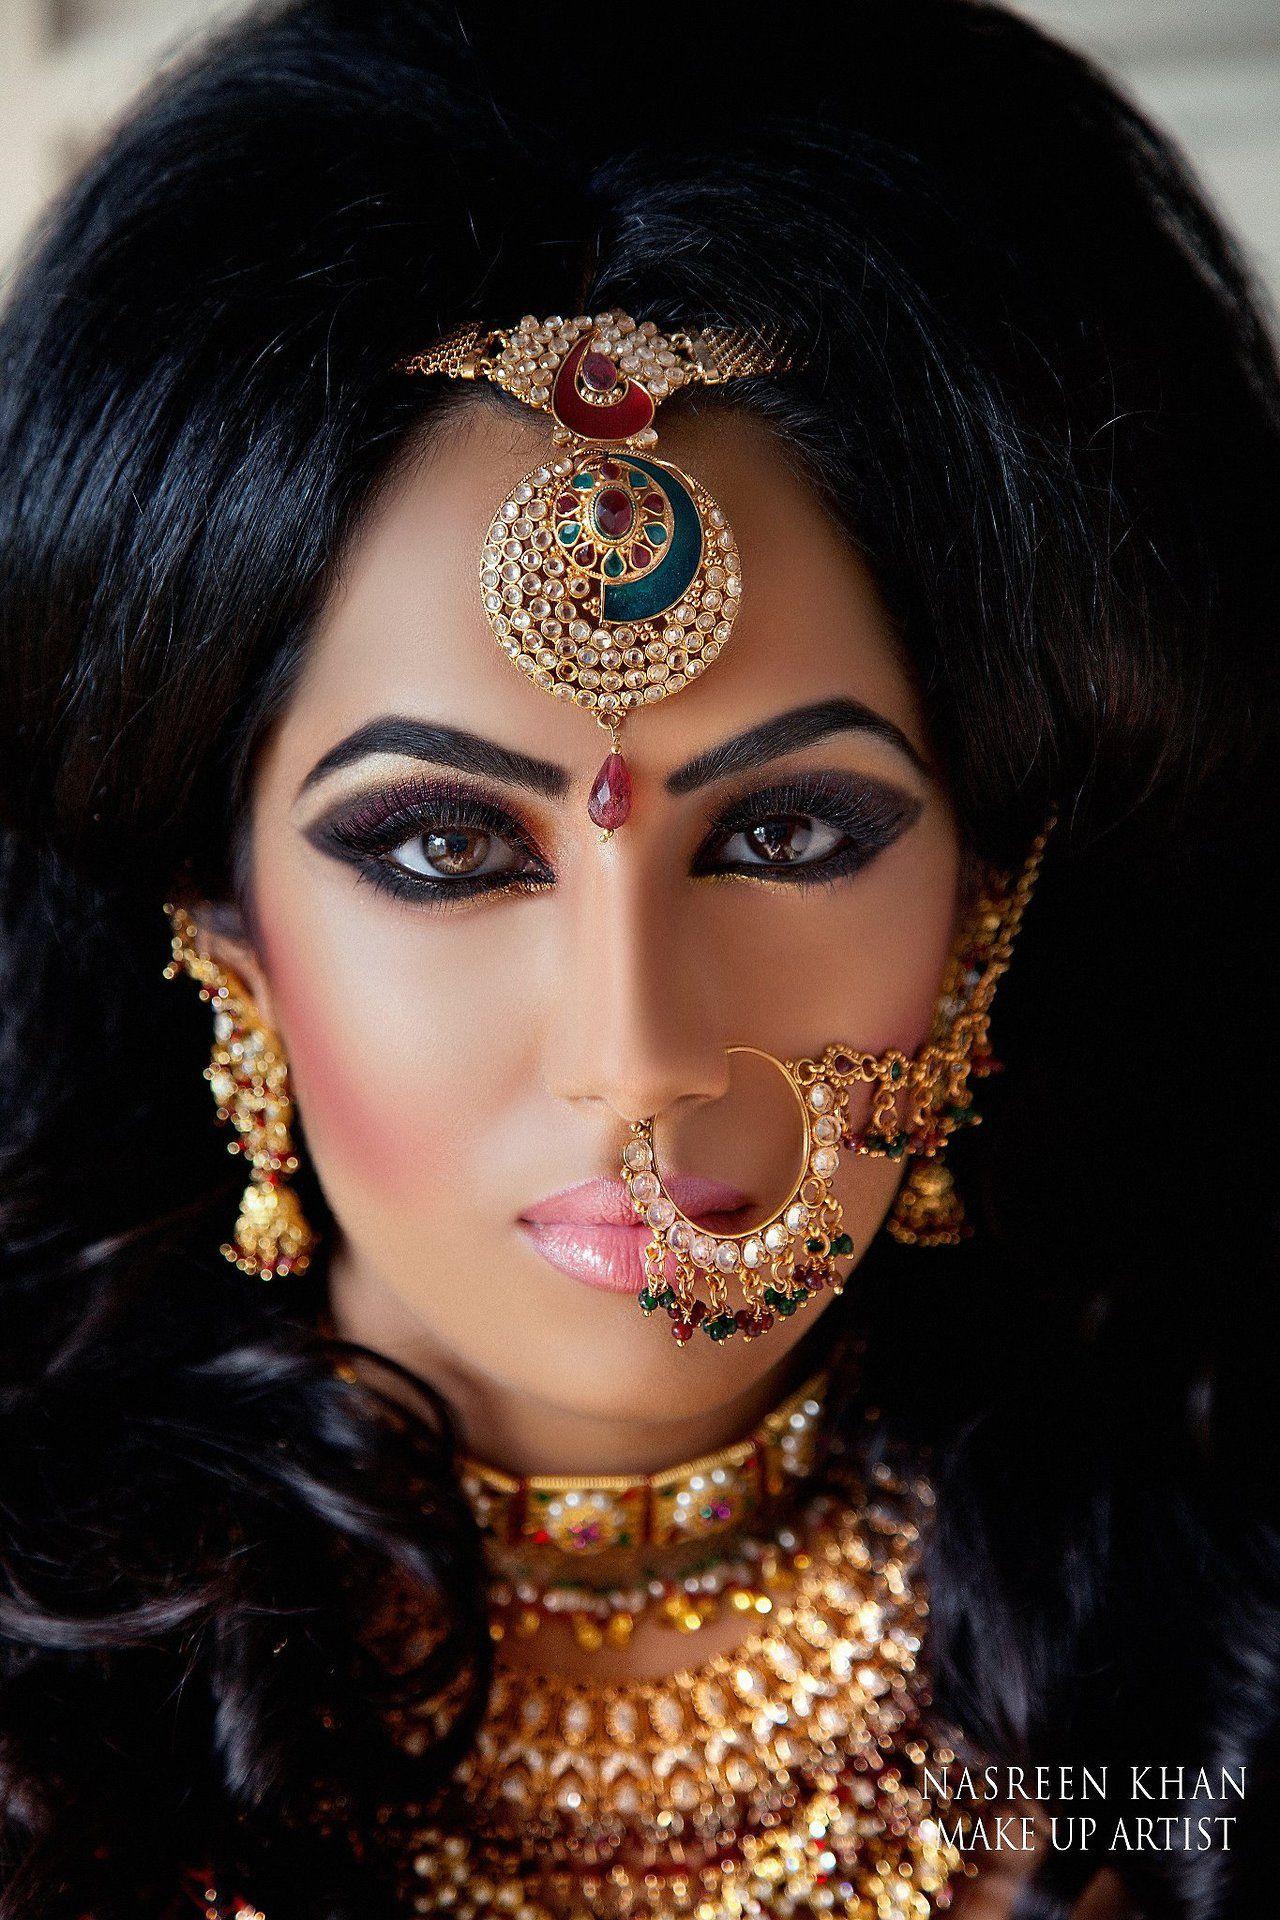 Nasreen Khan Makeup Artist Be inspirational Mz. Manerz